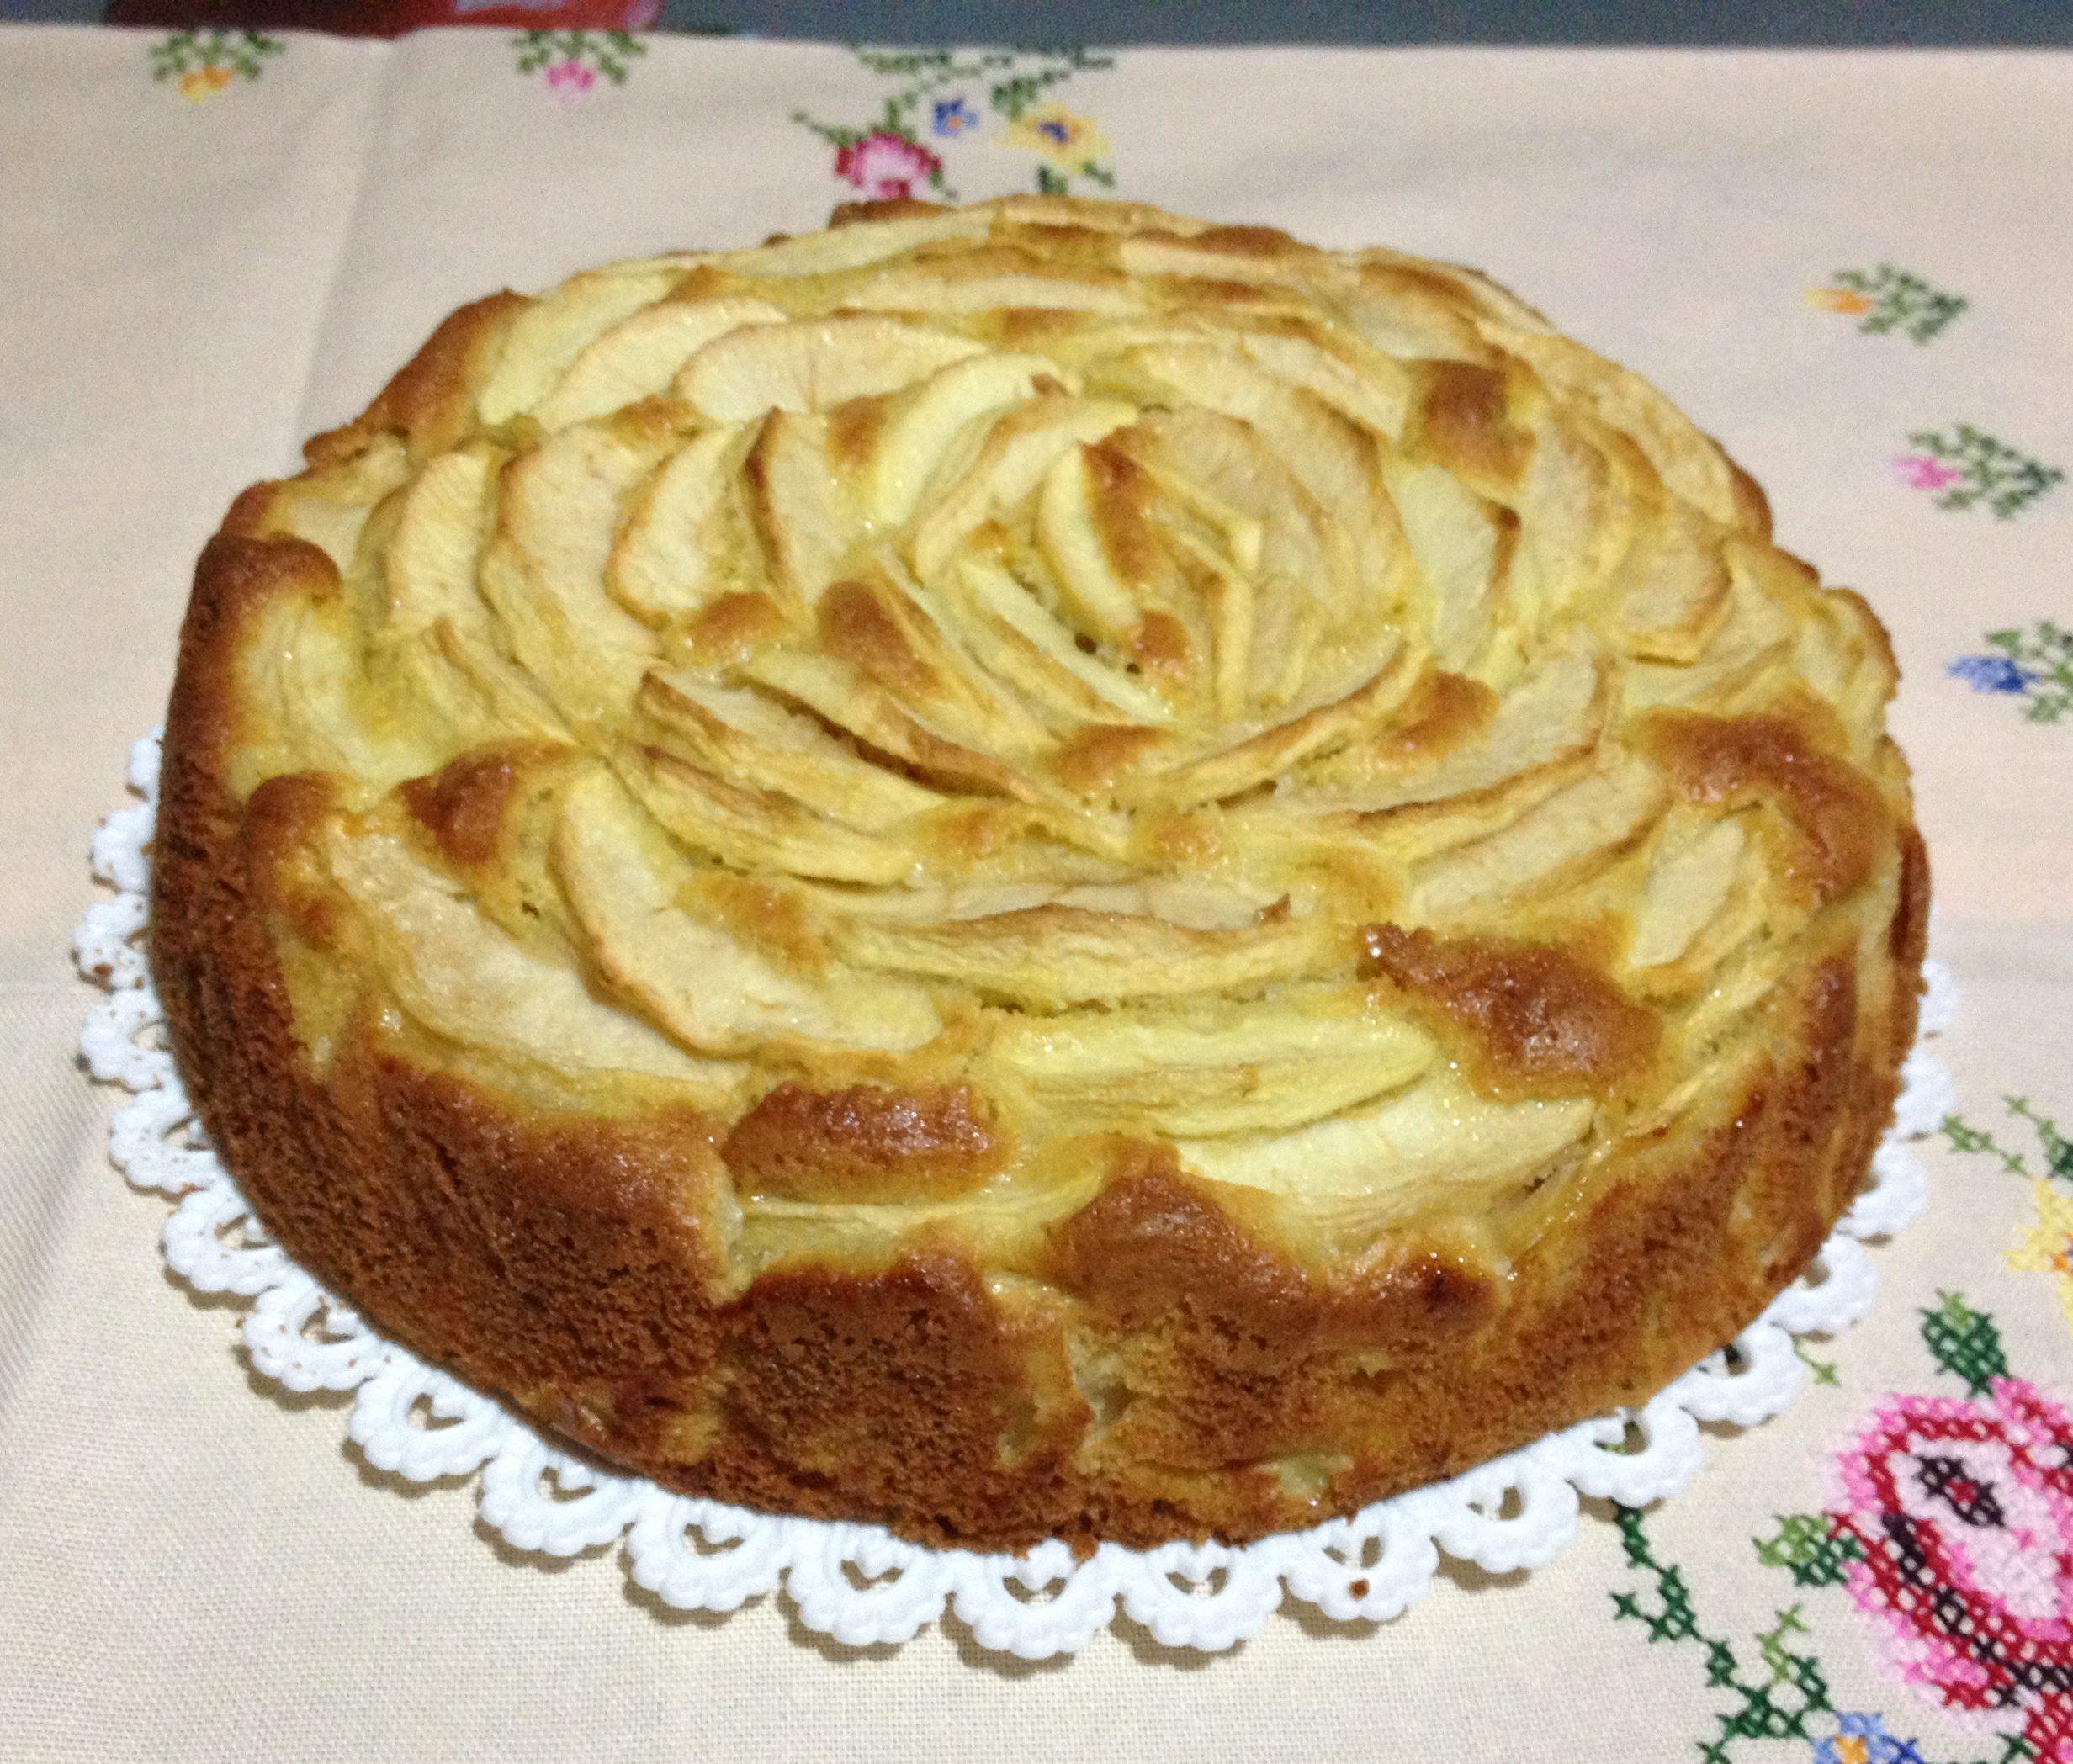 Ricetta Torta Di Mele Benedetta.Torta Petali Di Mele Senza Burro E Latte Una Pigra In Cucina